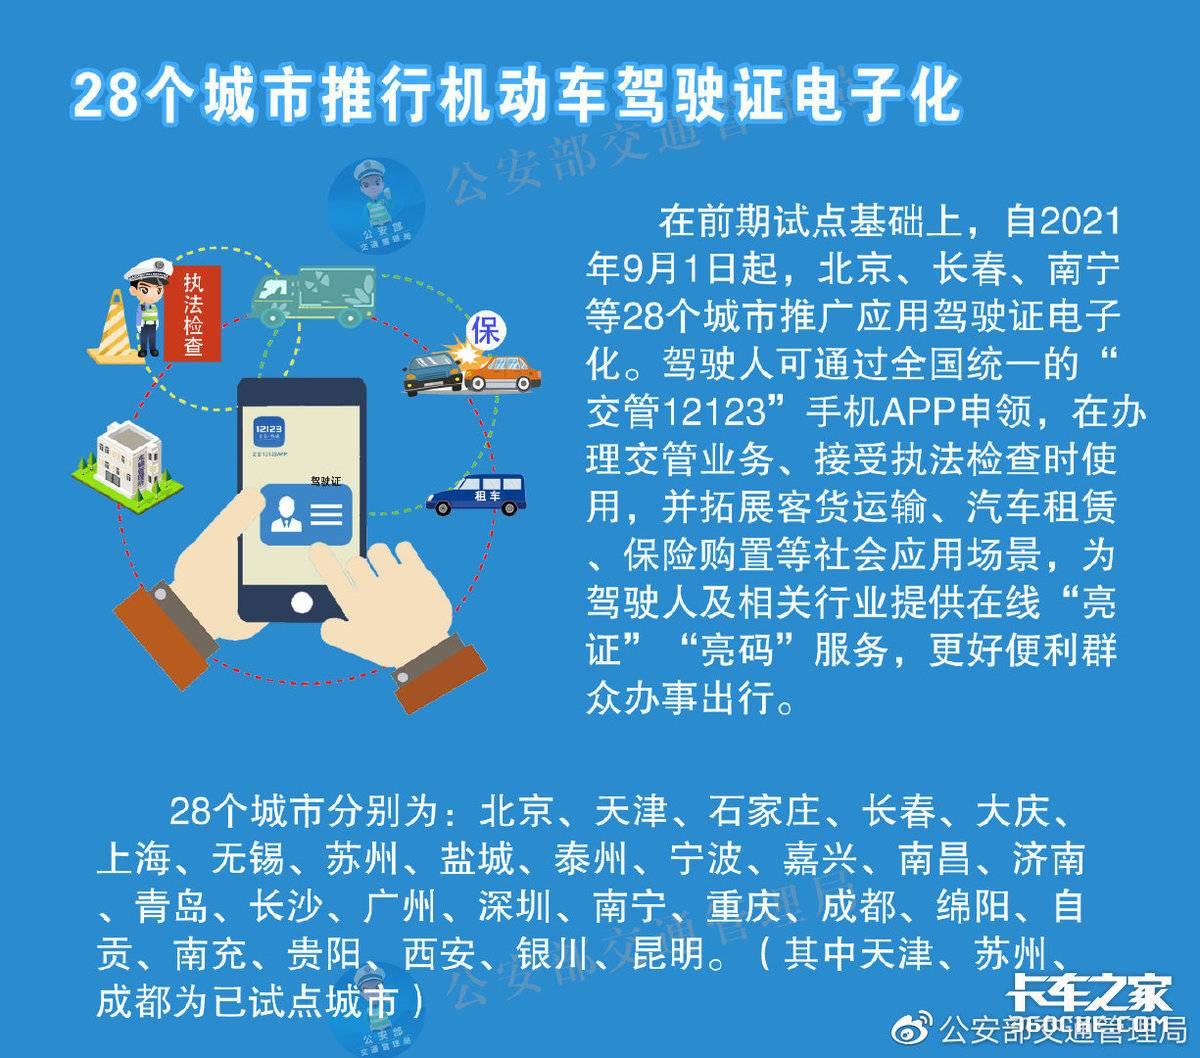 跟纸质驾照说再见!北京等28城推电子驾照全国有效